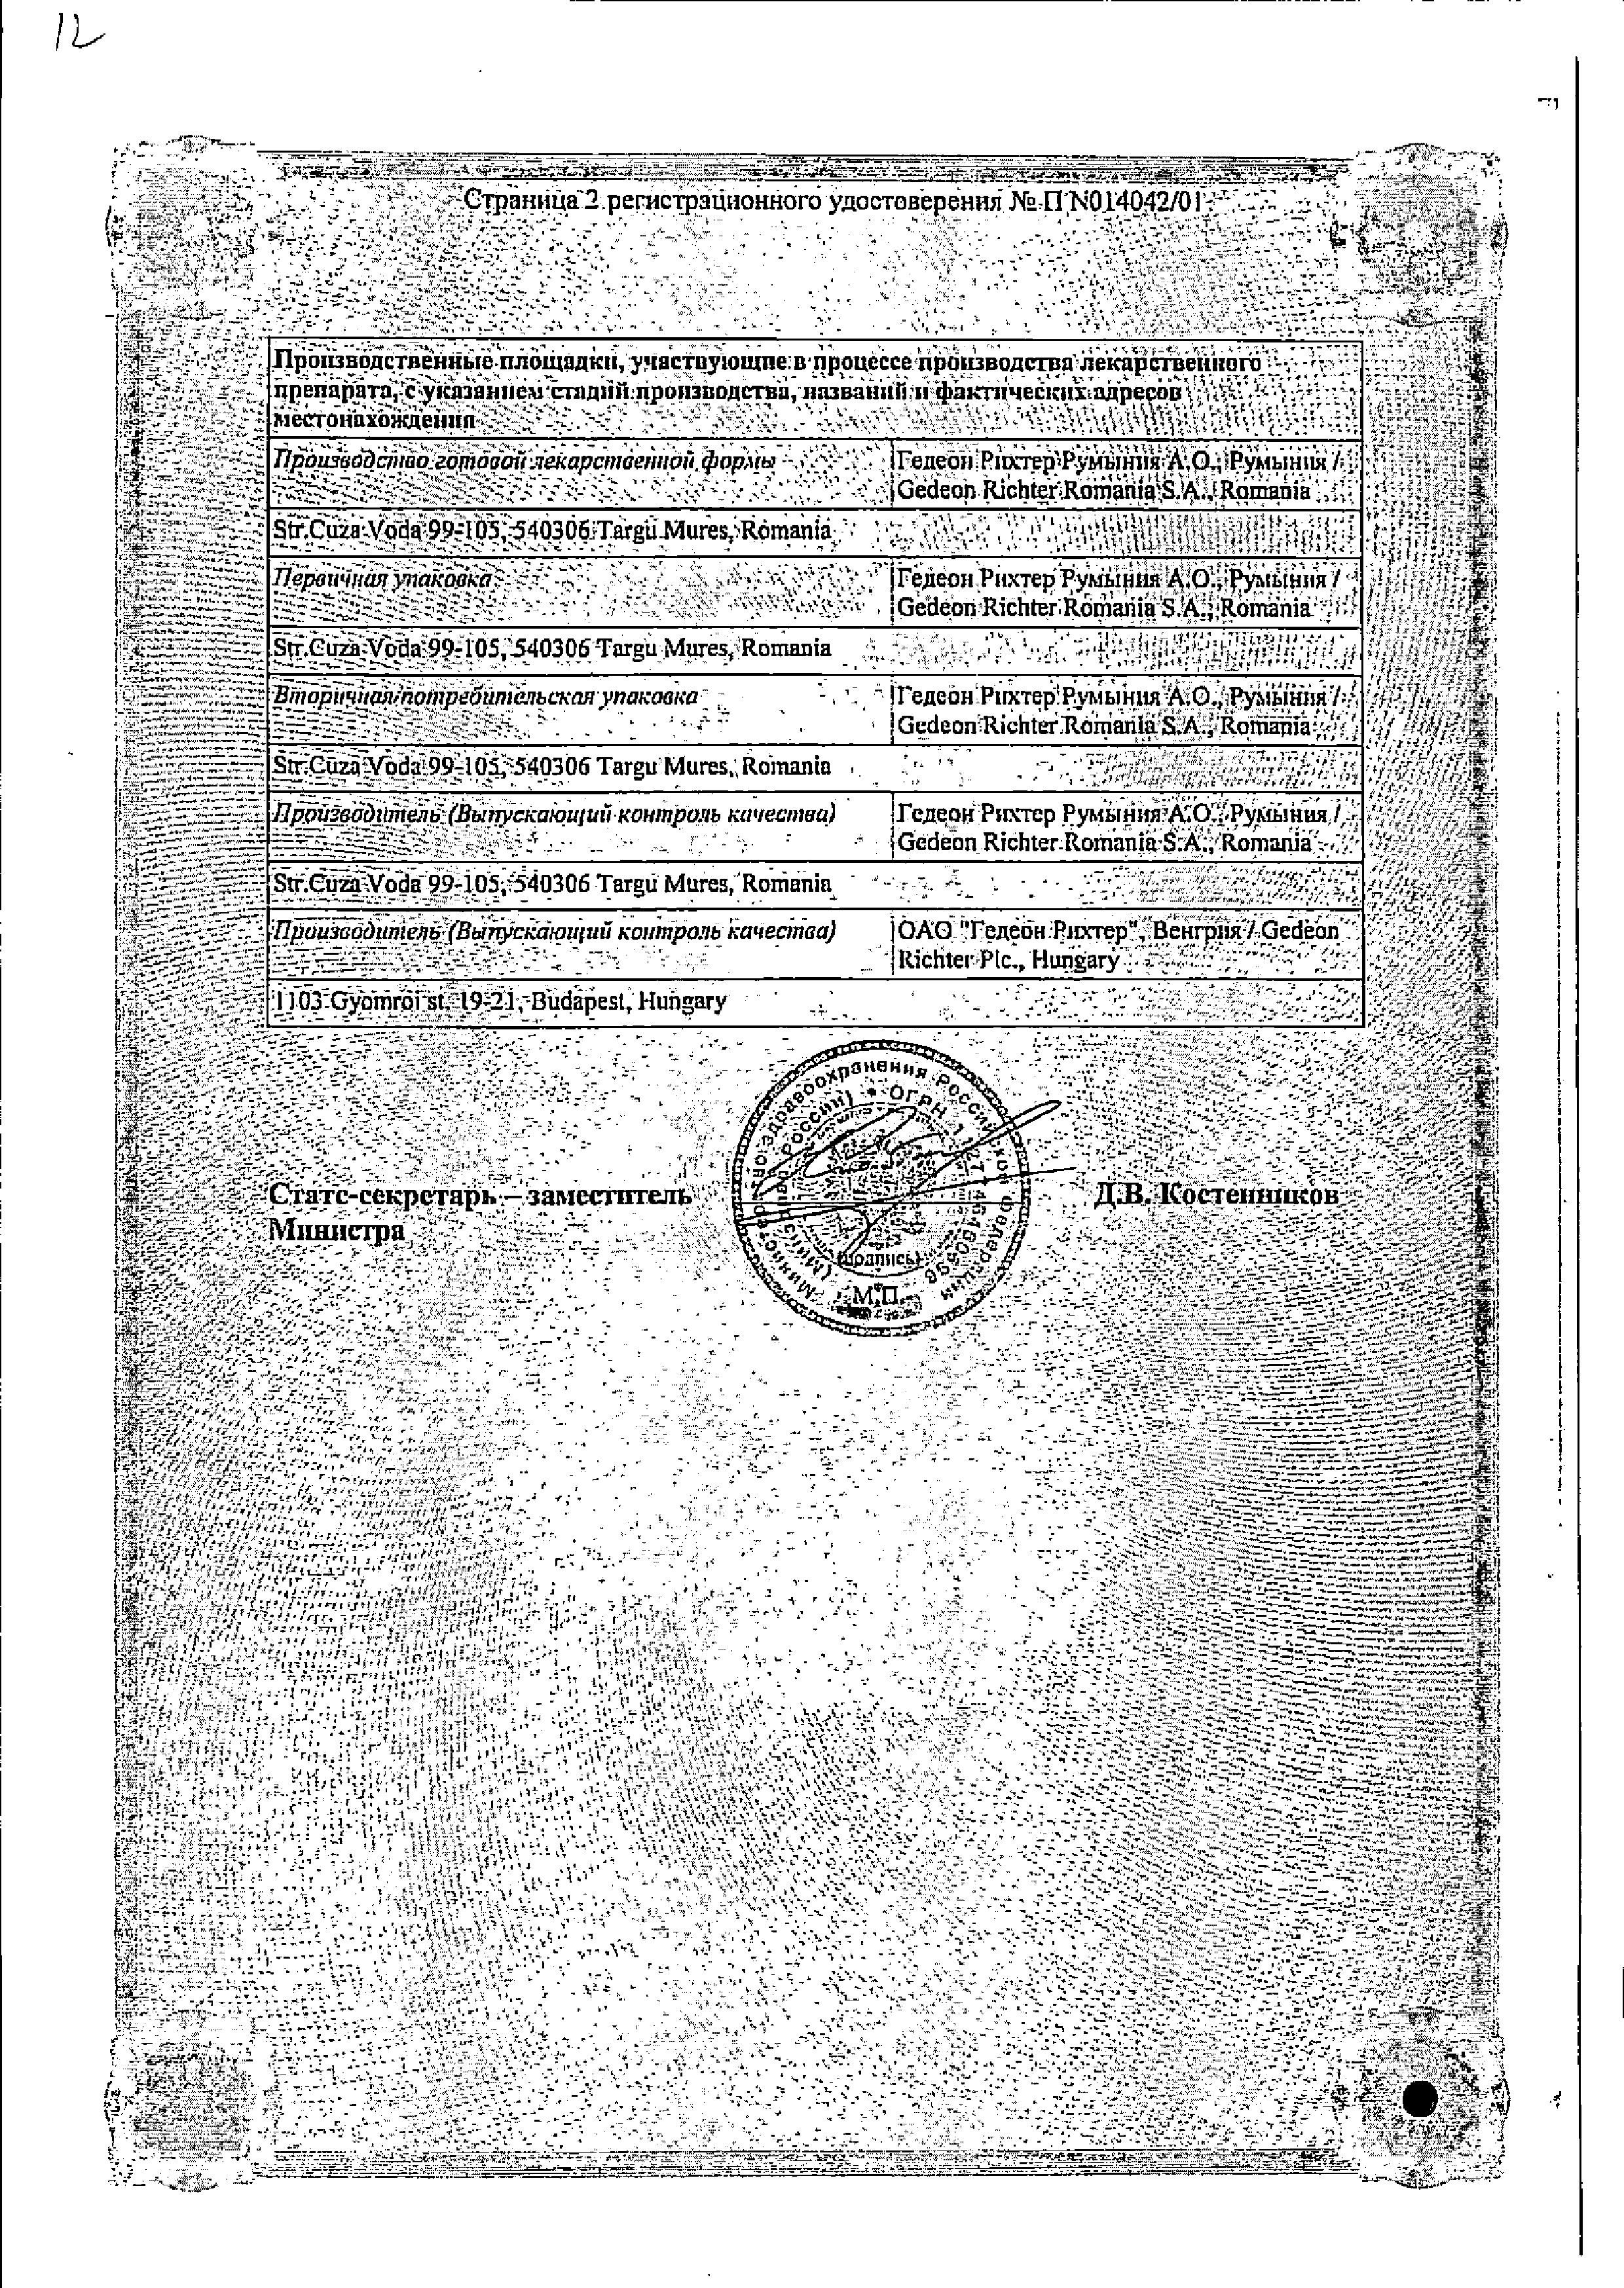 Декарис сертификат